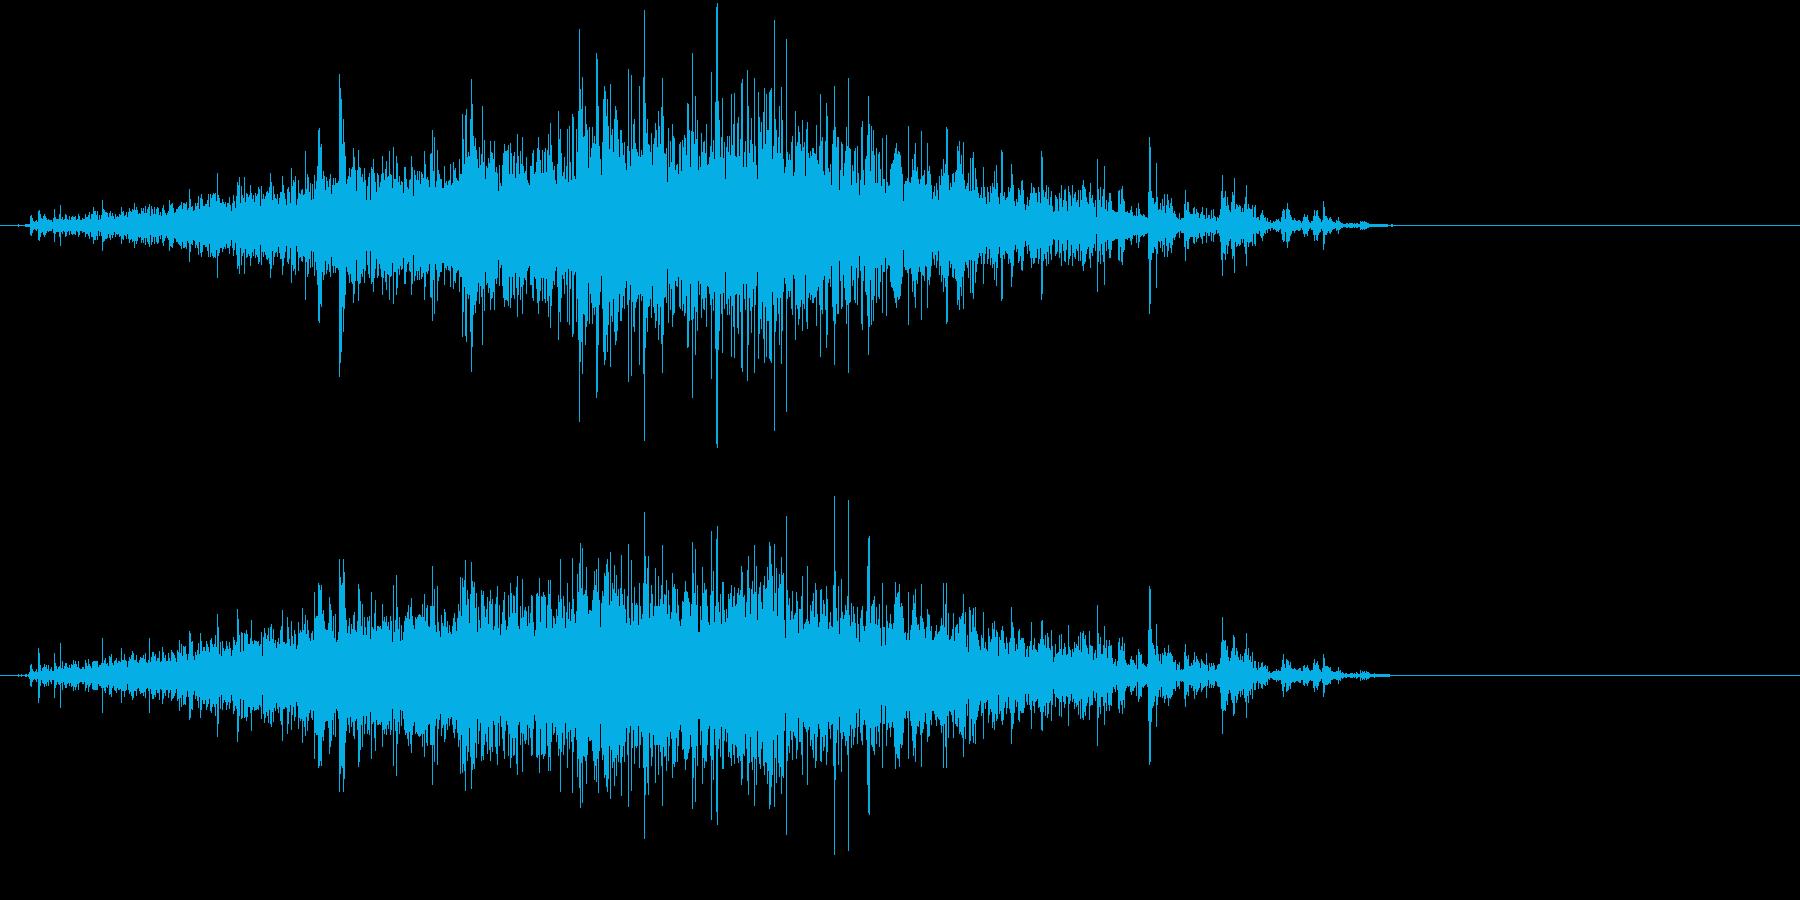 【生録音】米粒(生米)を取り出す音 1の再生済みの波形